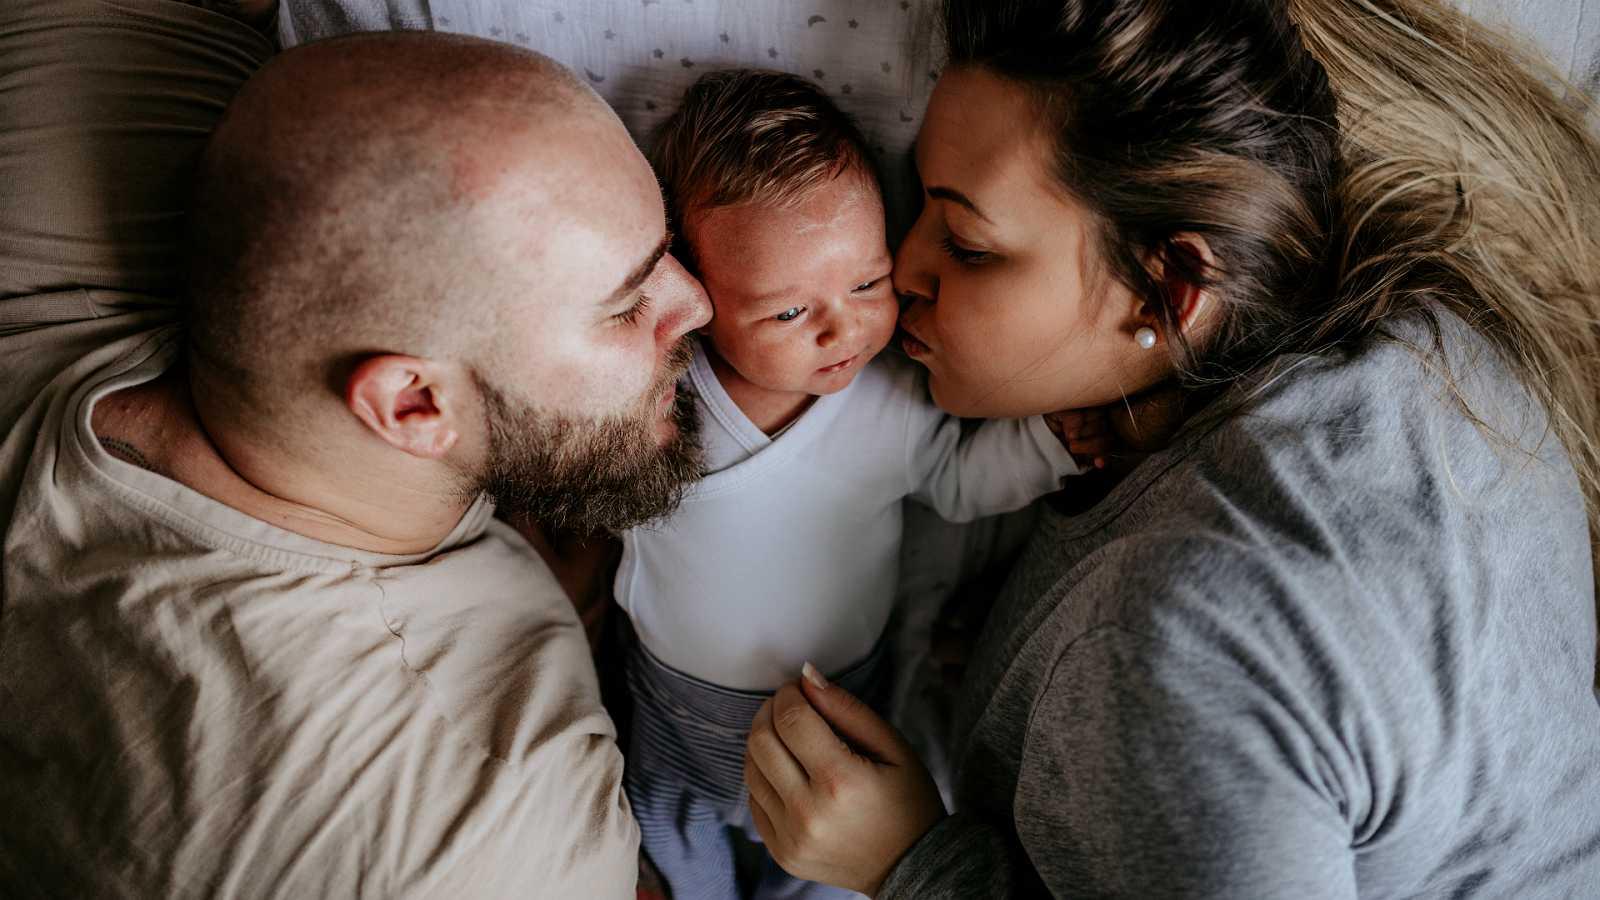 Diez minutos bien empleados - Complemento de maternidad, también para ellos - 20/01/20 - Escuchar ahora